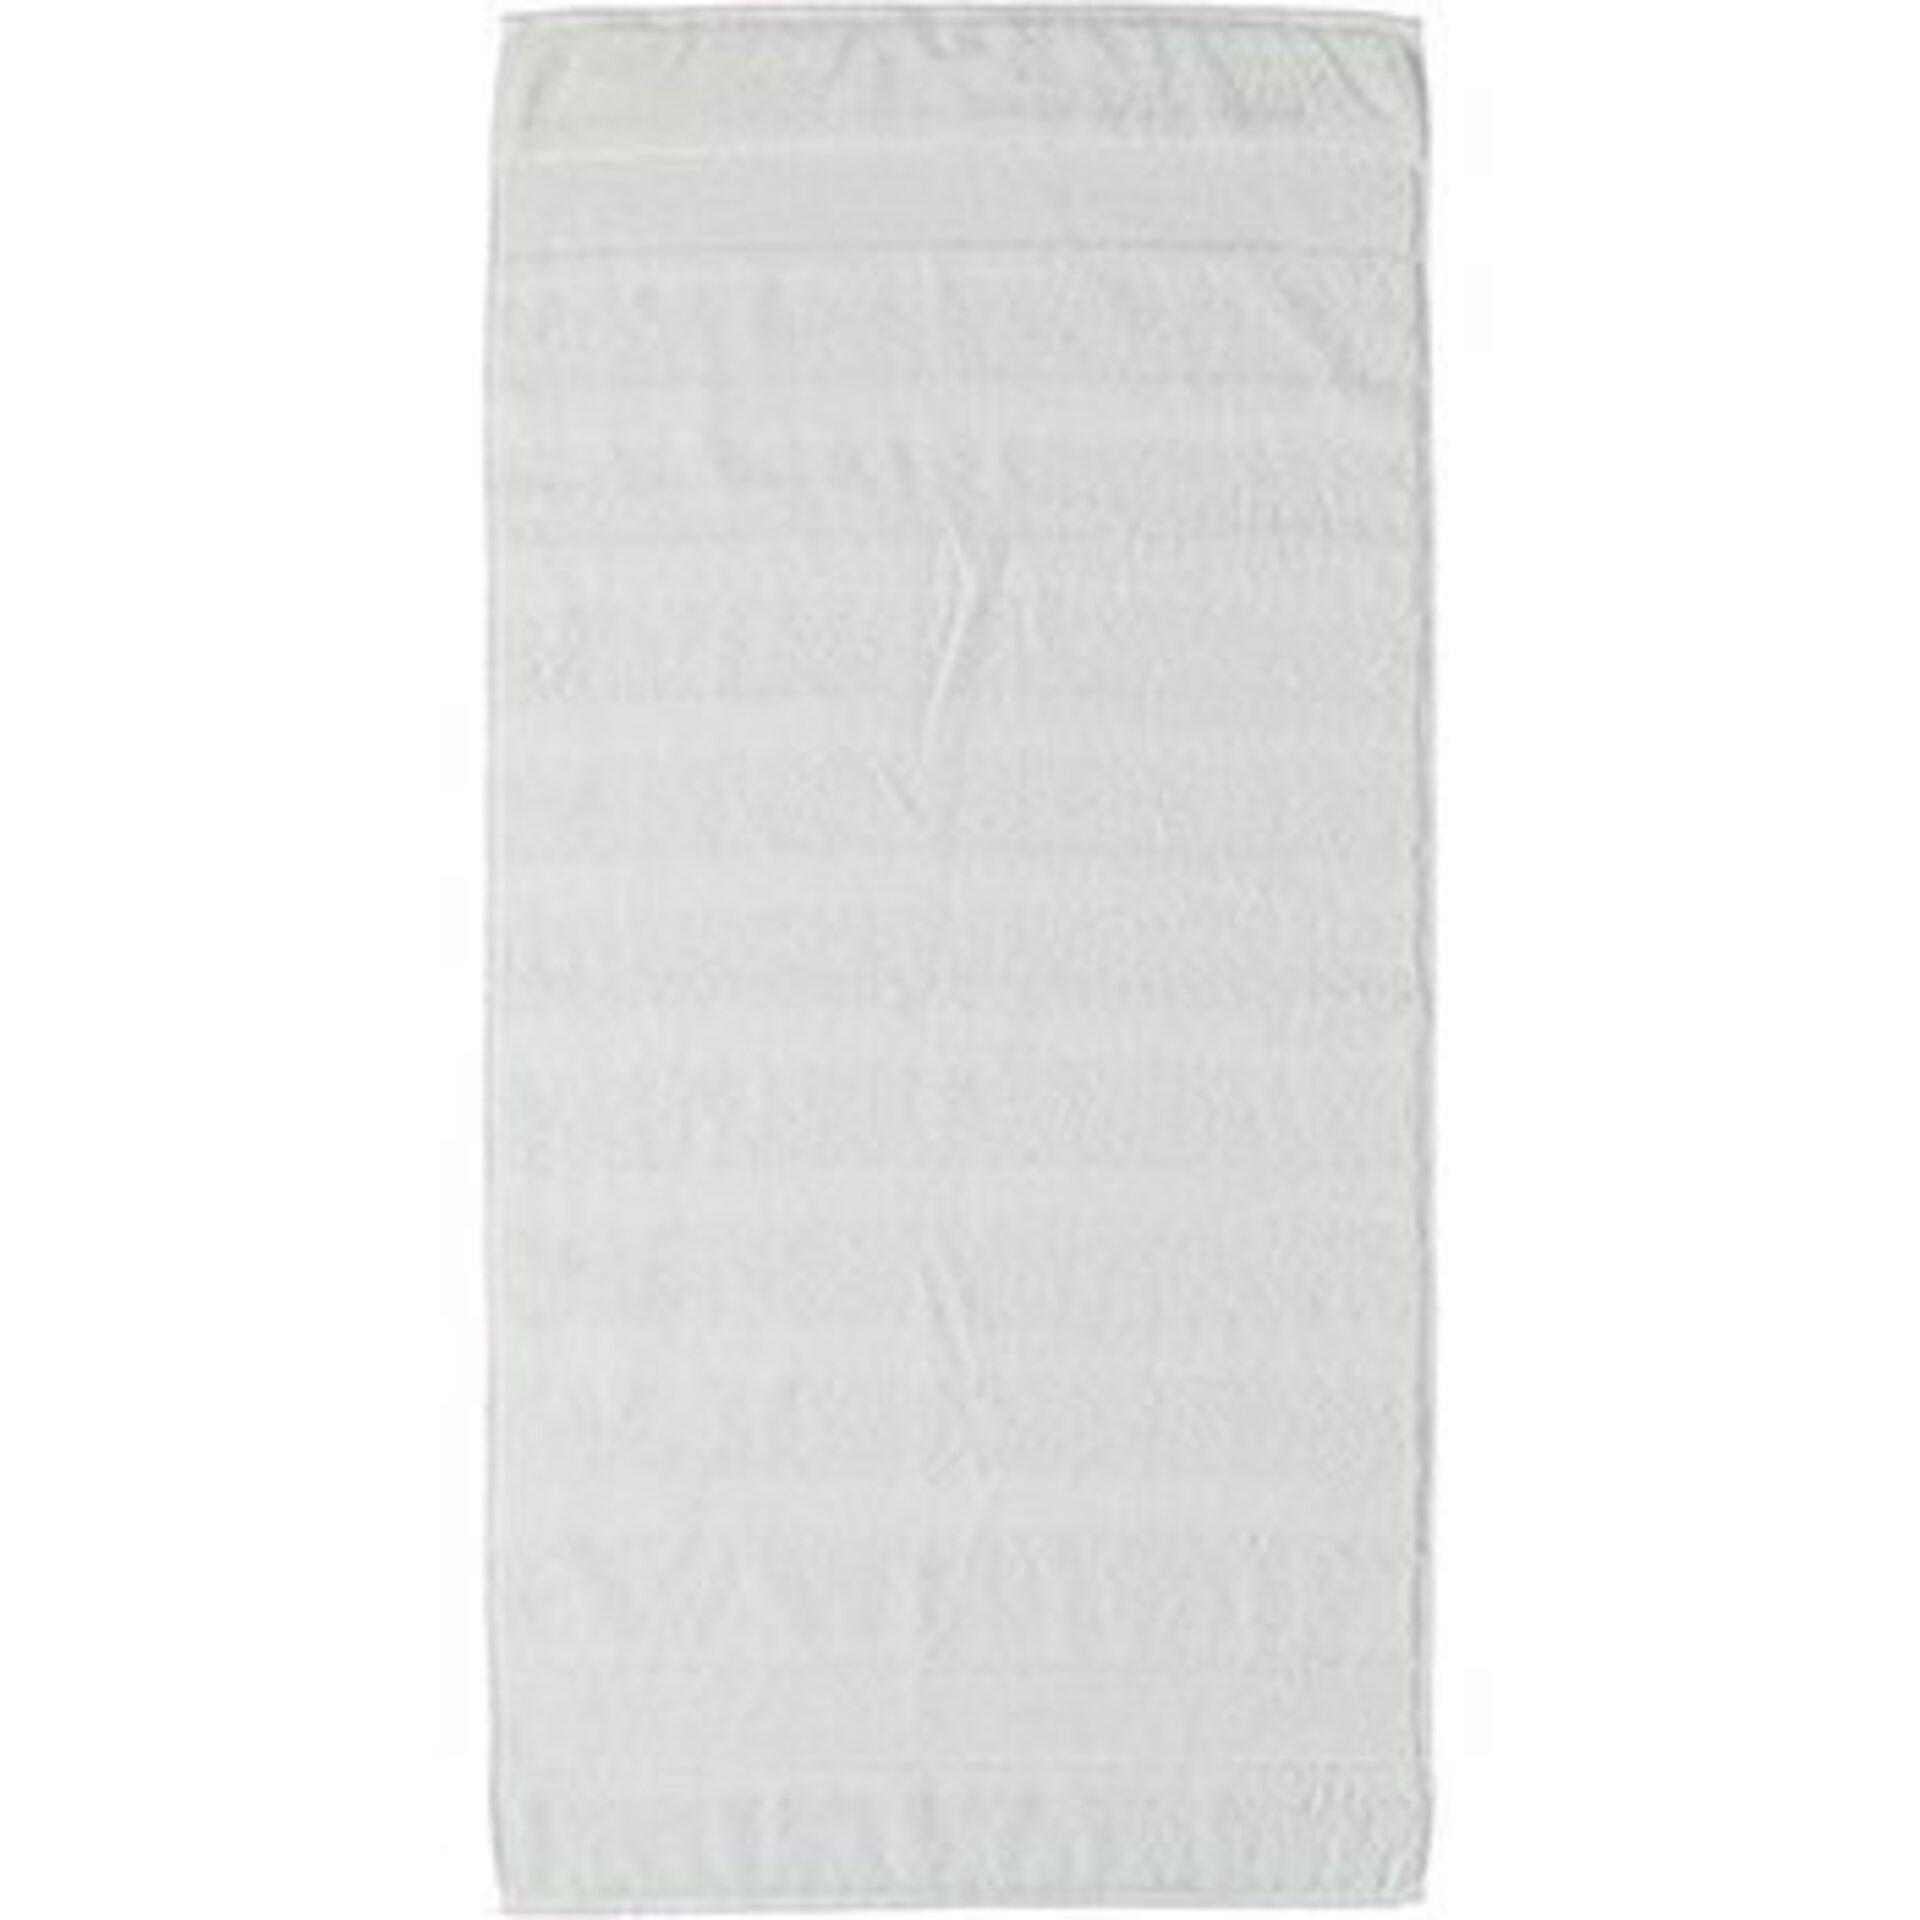 Duschtuch Noblesse² Cawö Textil 80 x 160 cm